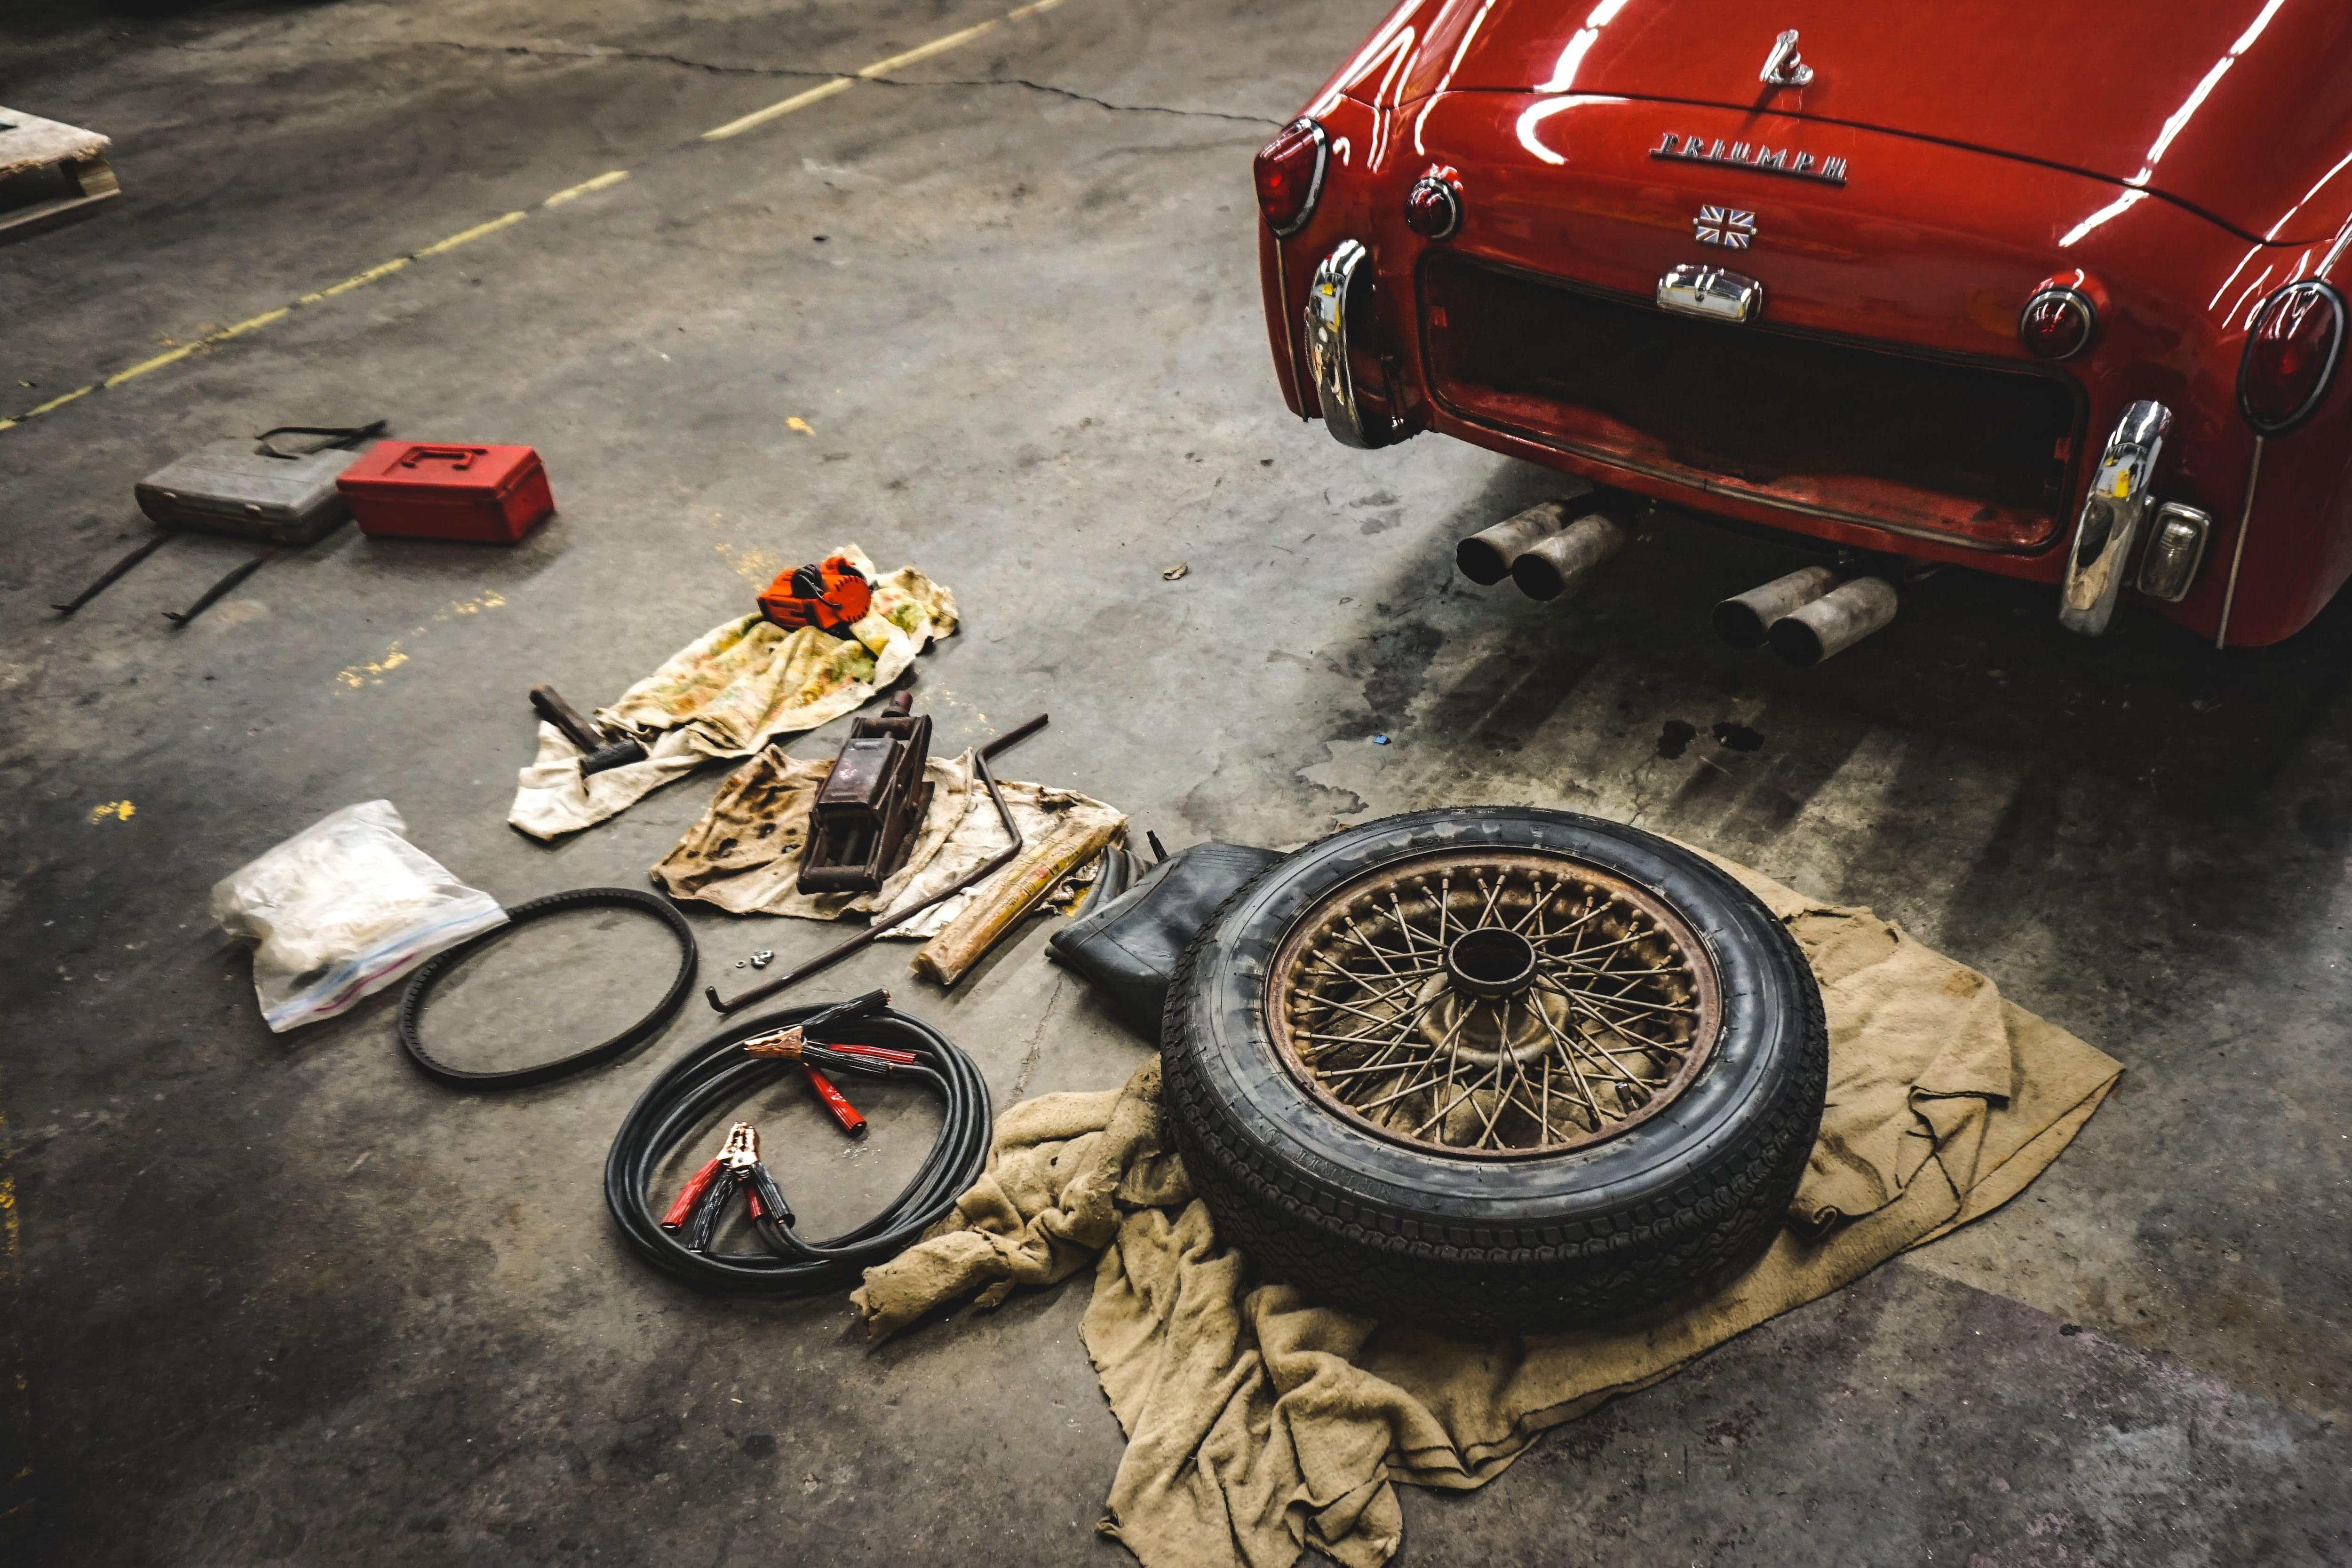 Rev Up Your Promotions Best Auto Repair Shop Marketing Ideas National Pen